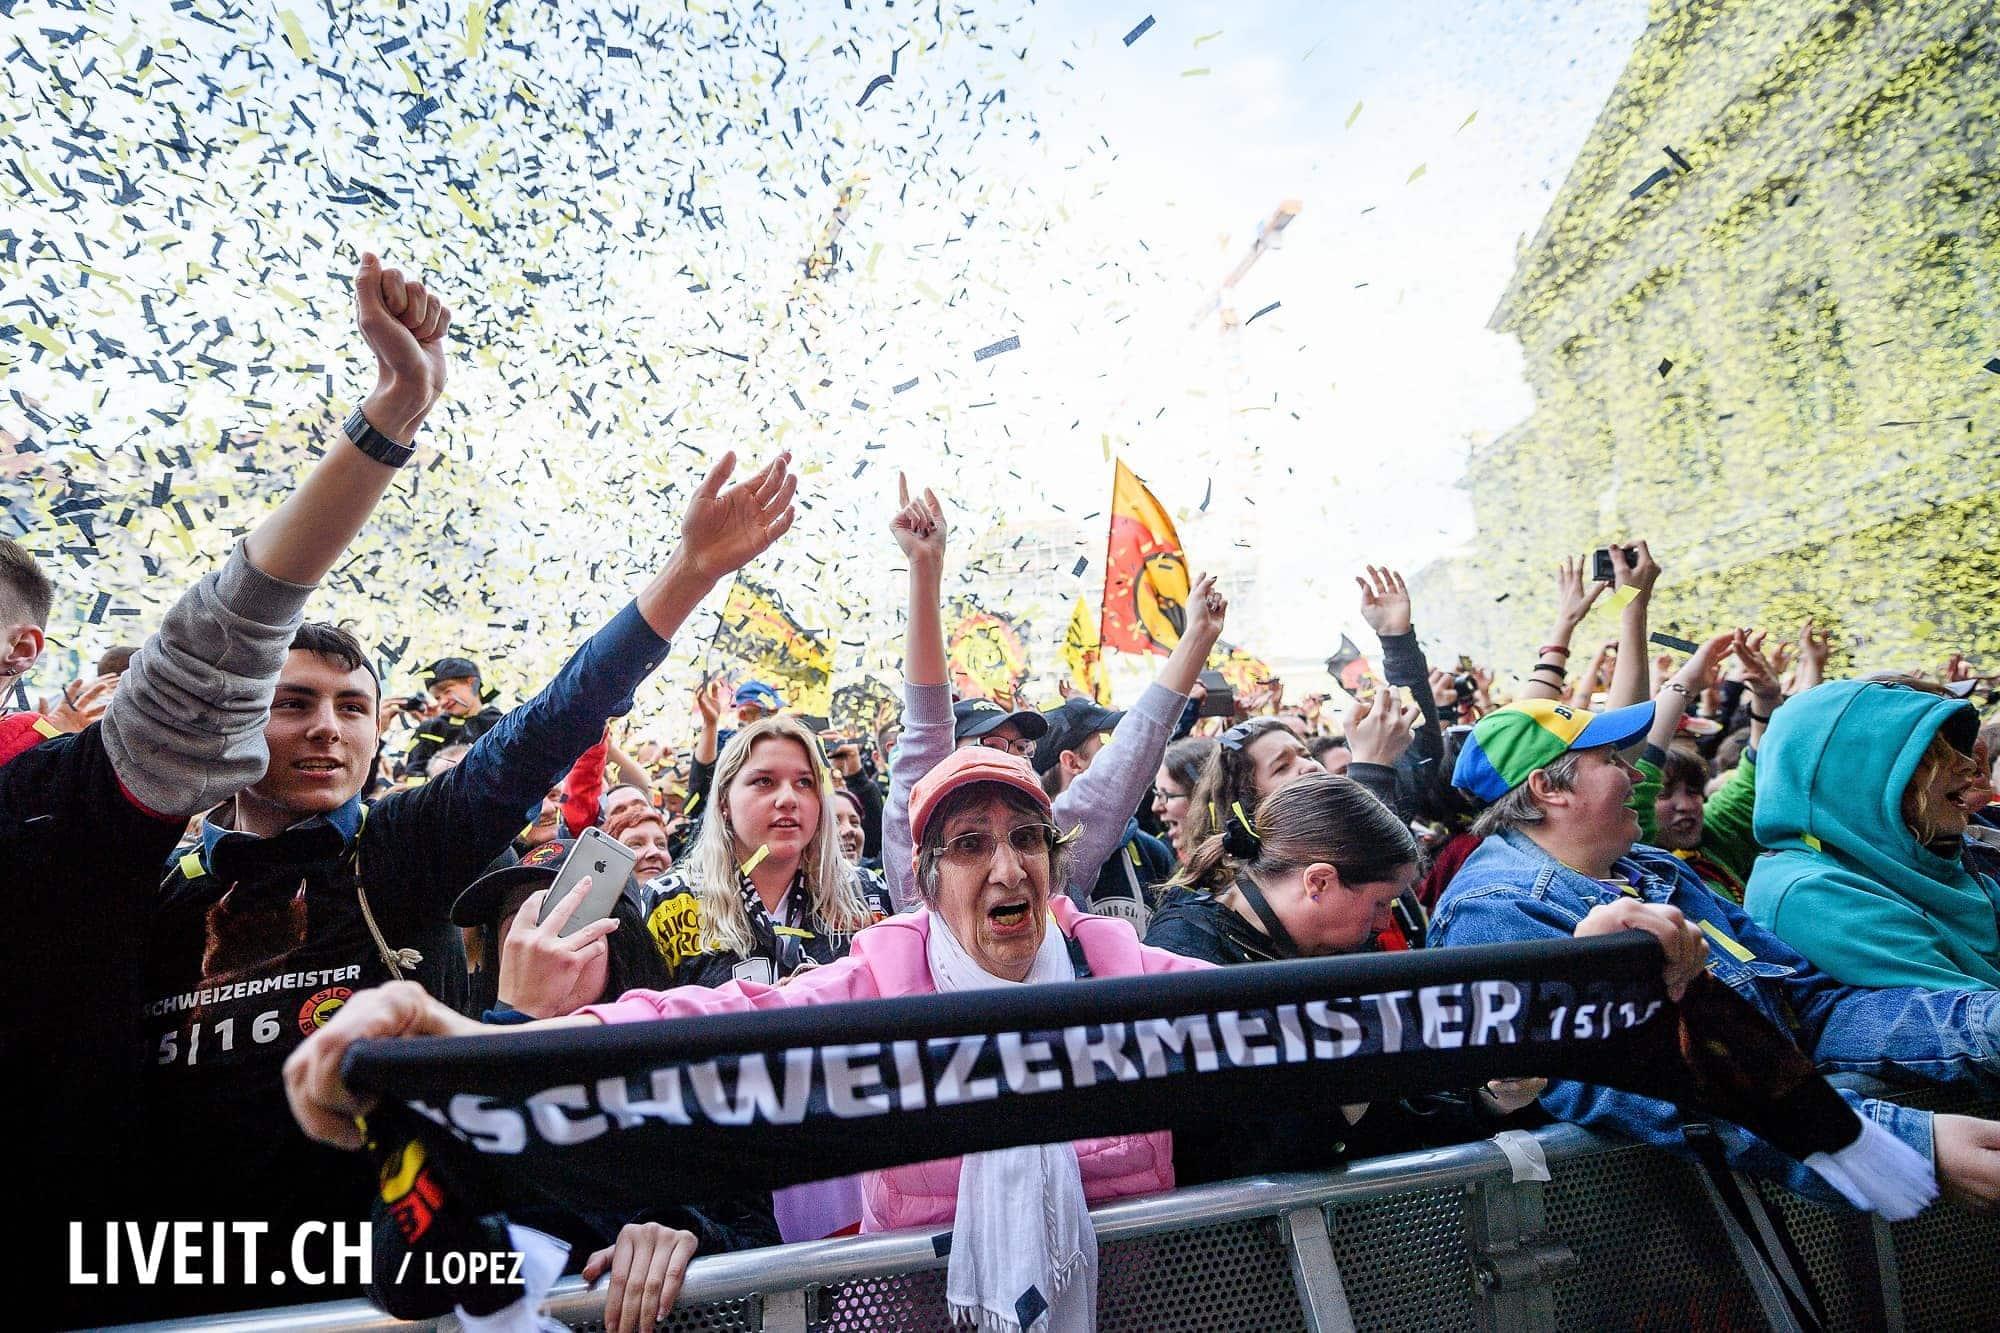 16.04.2016; Bern; Eishockey SC Bern Meisterfeier Bern; SC Bern Fan an der Meisterfeier auf dem Bundesplatz in Bern (Manuel Lopez/freshfocus)